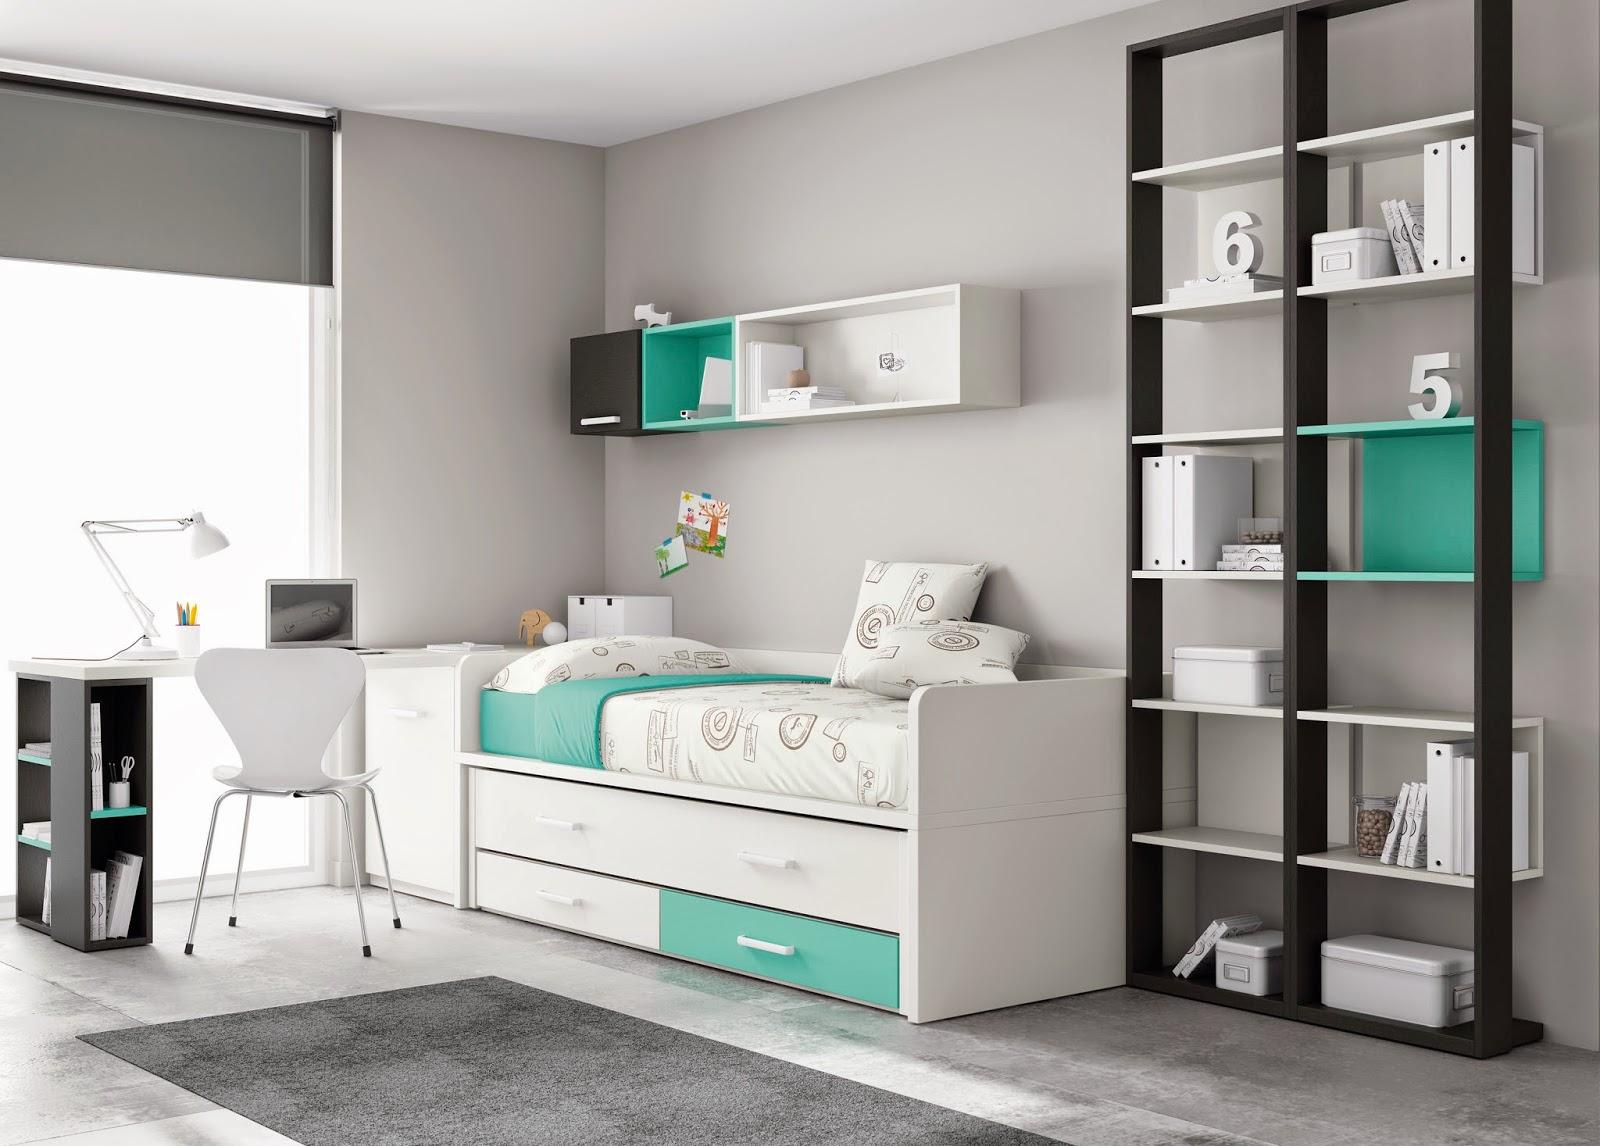 Camas nido muebles ros ahorrar espacio for Muebles infantiles valencia